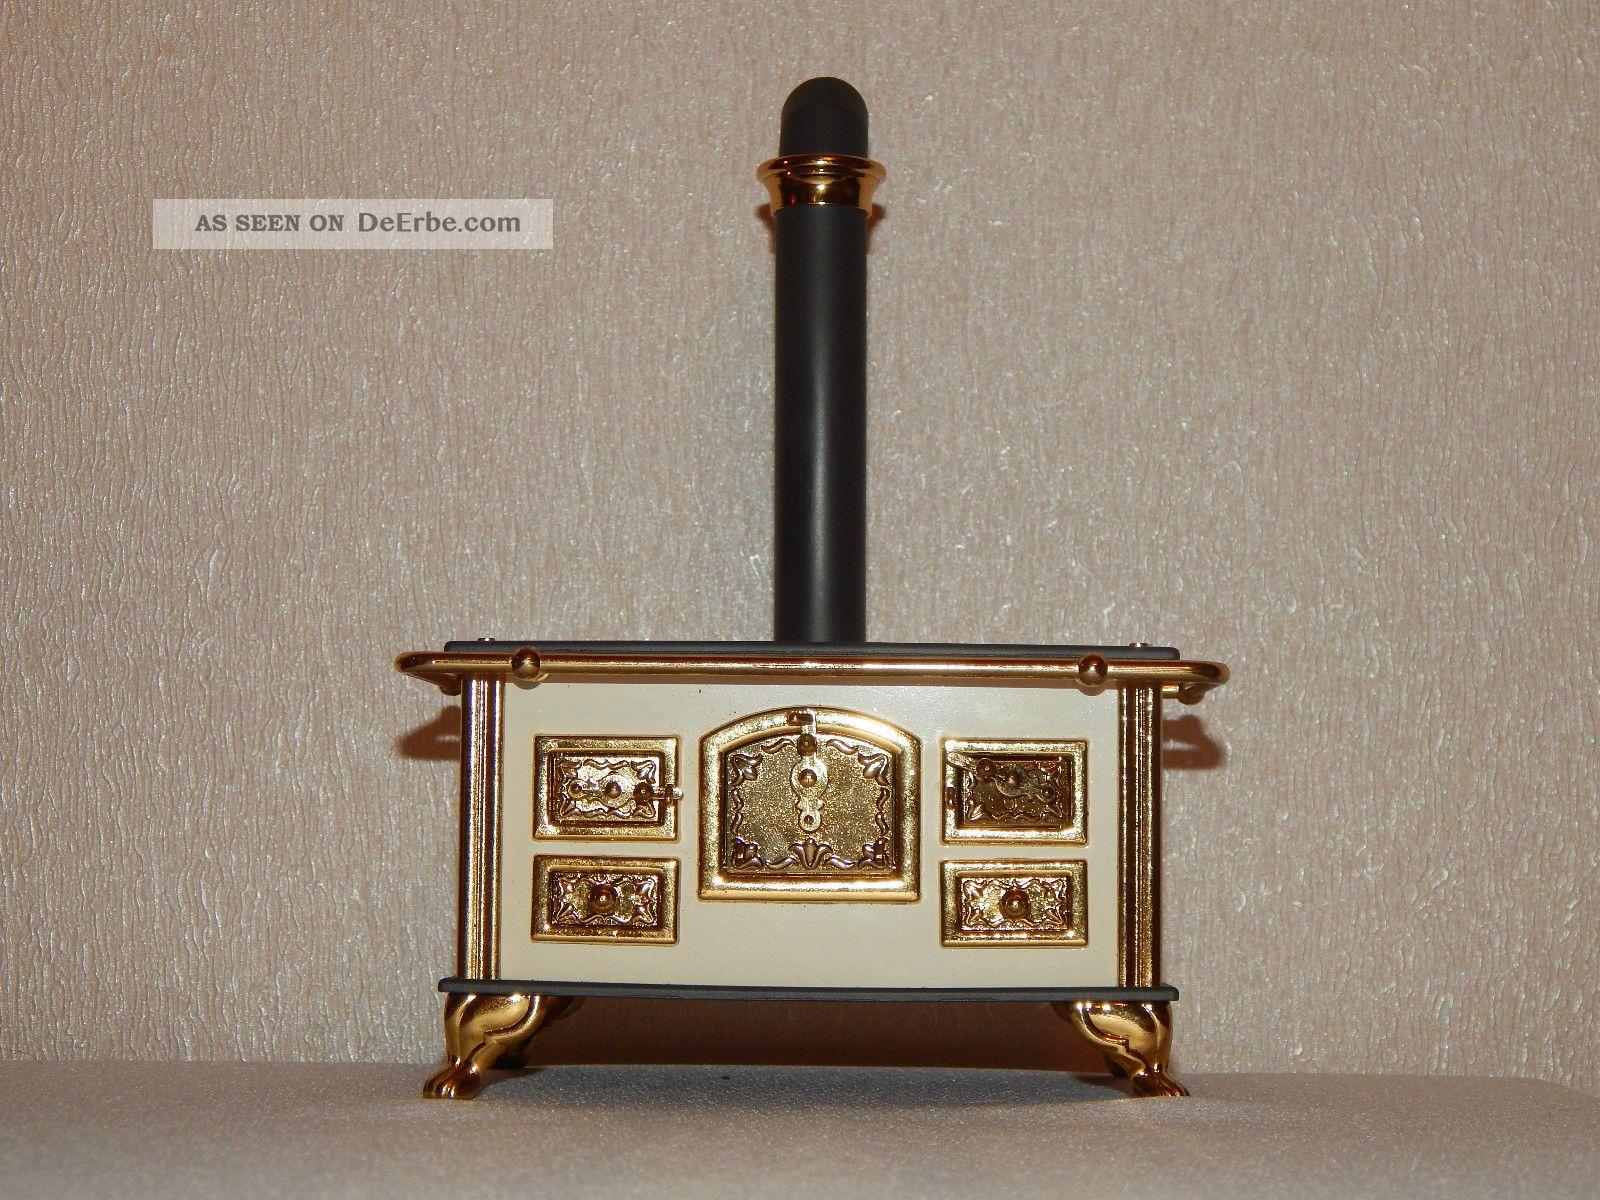 kachelofen bodo hennig sammlung von zeichnungen ber das inspirierende design. Black Bedroom Furniture Sets. Home Design Ideas